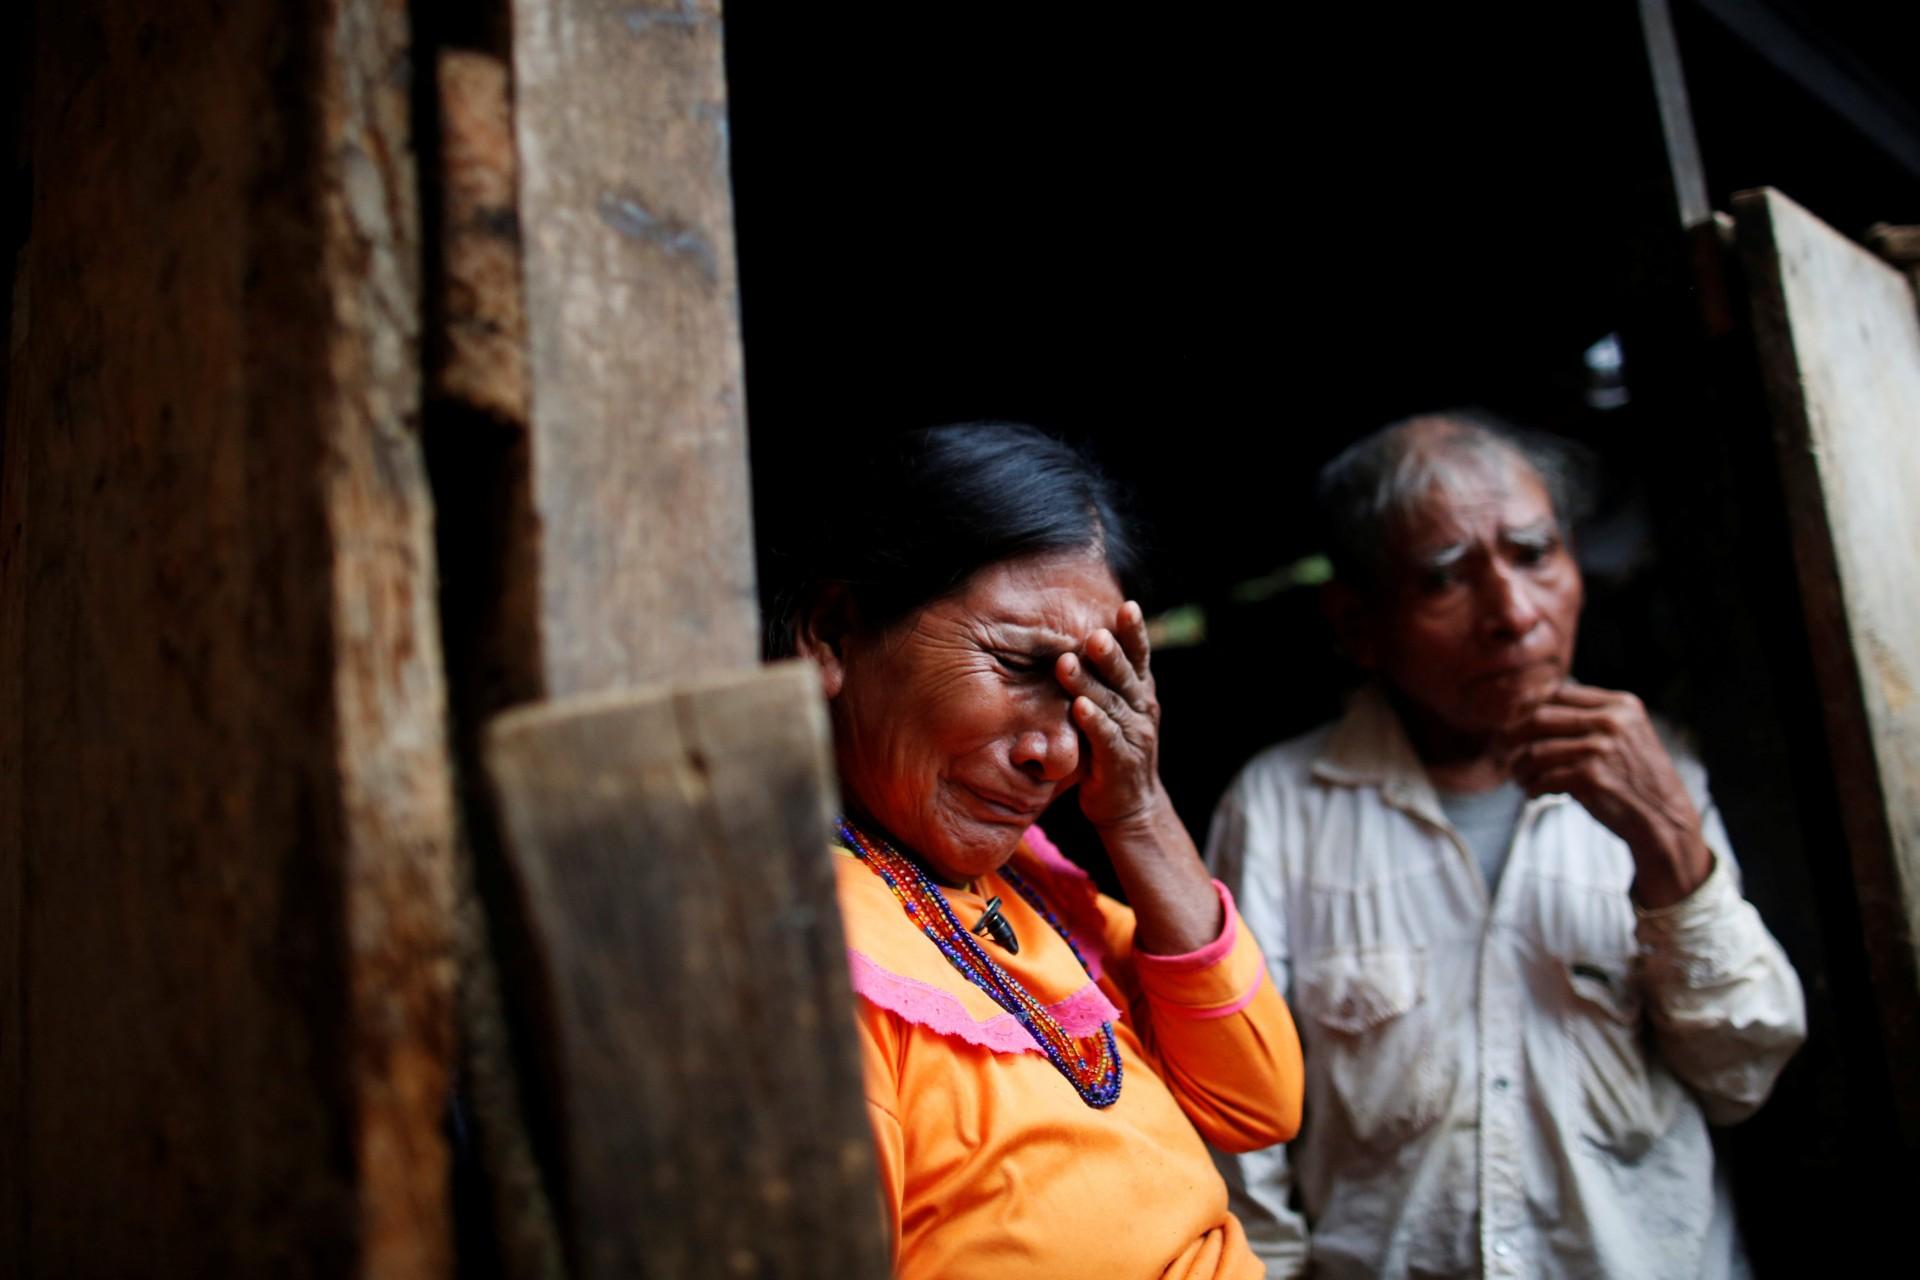 """La granjera Nieves García reacciona junto a su esposo cuando habla con Reuters en Juquila Yucucani, en la Sierra Madre del Sur, en el estado sureño de Guerrero, México, el 17 de agosto de 2018. """"No somos narcotraficantes, queremos una vida digna"""". """"dijo García, que ha crecido amapolas desde que era una niña. """"Mis hijos han dejado este lugar porque no hay forma de salir adelante""""."""